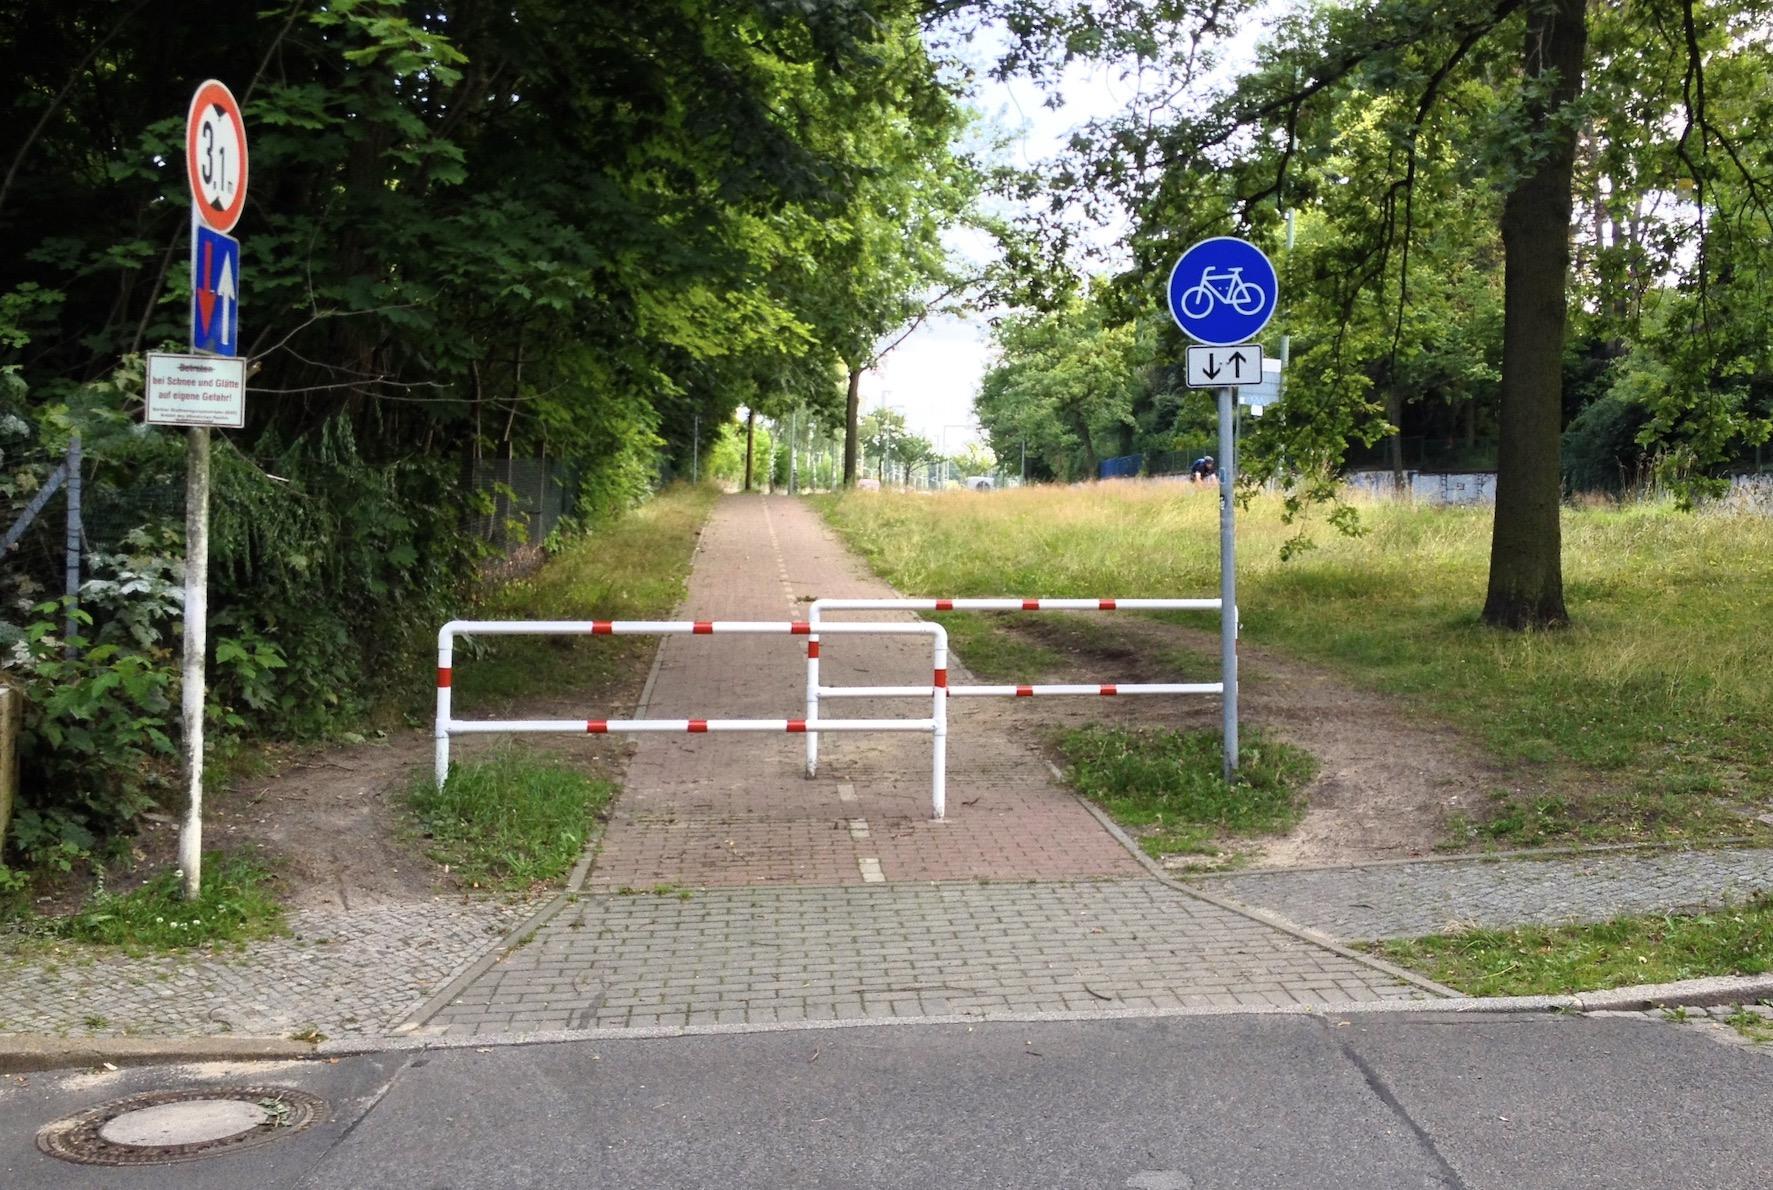 """Umlaufgitter oder auch """"Drängelgitter"""" sind für Lastenräder meist unüberwindliche Hindernisse, wenn sie nicht – wie hier in Berlin-Nikolassee – umfahren werden können. Foto: Henry Steinhau, CC-BY"""